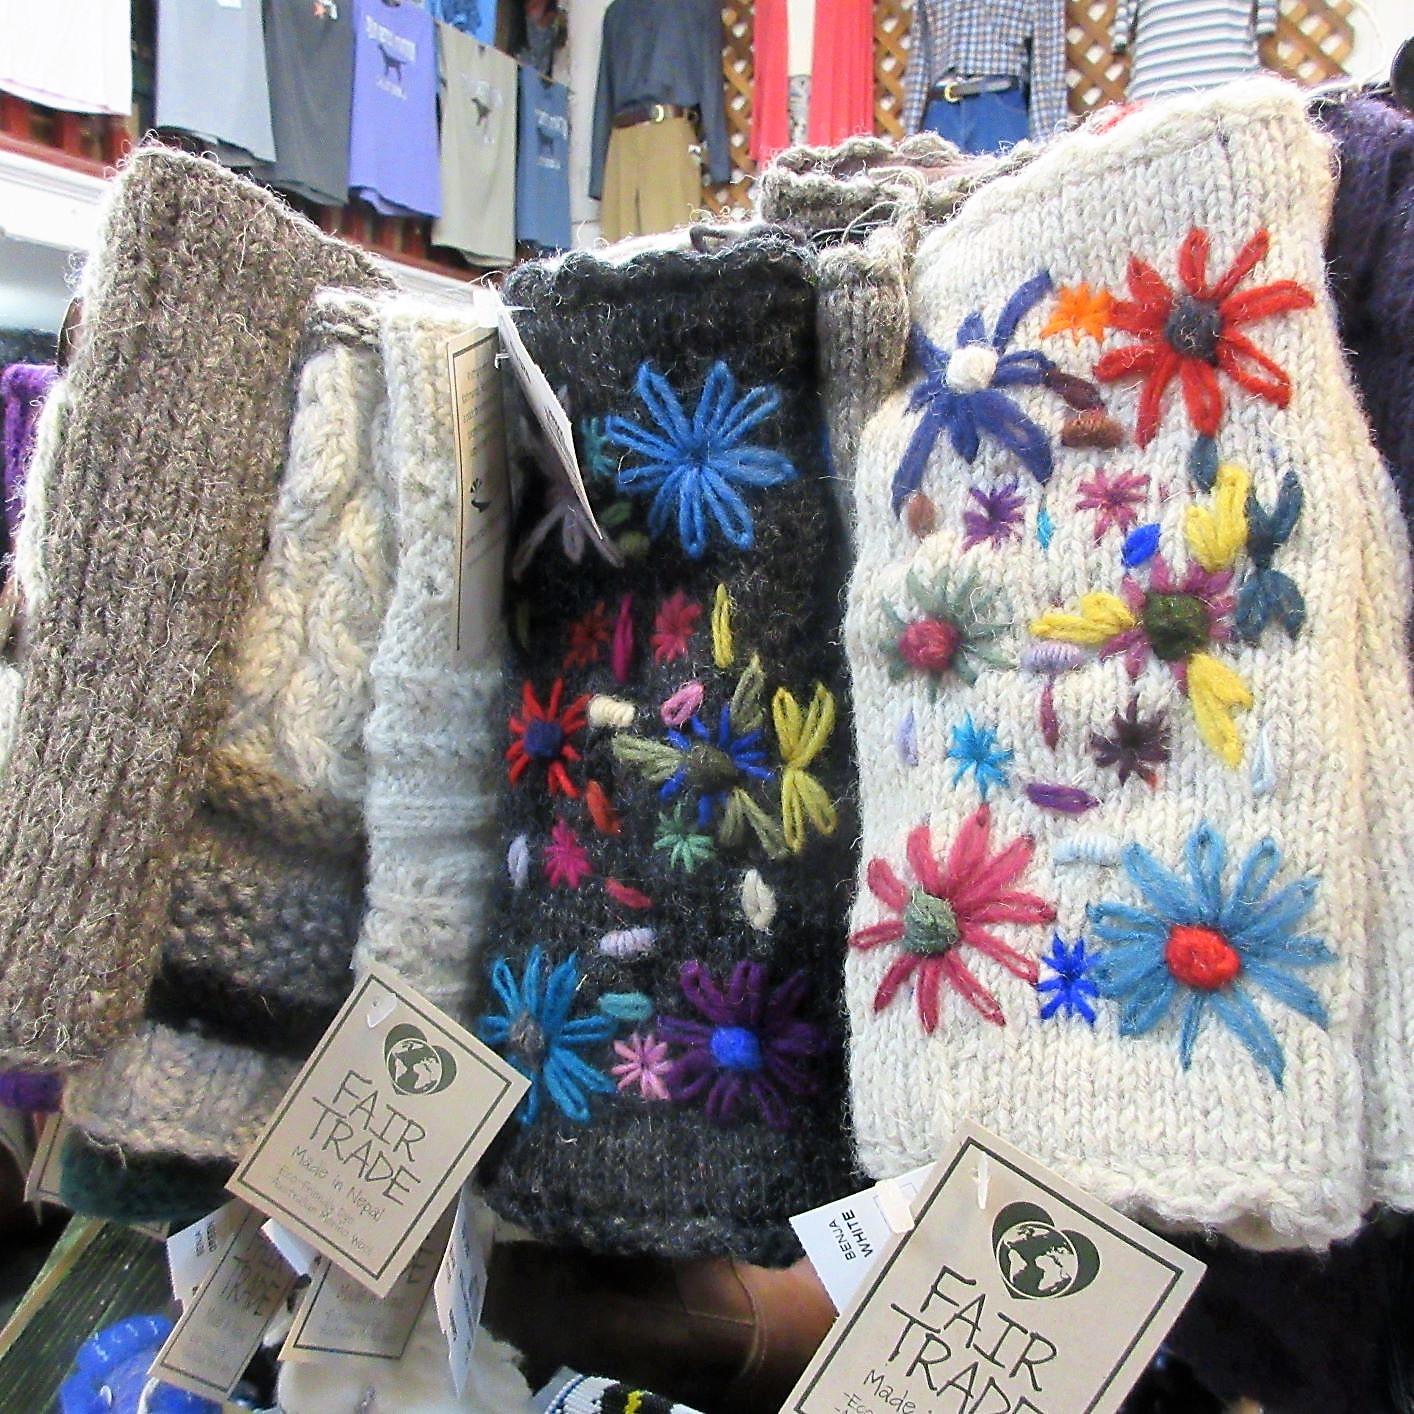 Handwarmers - Fair Trade handwarmers festooned with flowers brighten even the darkest days.